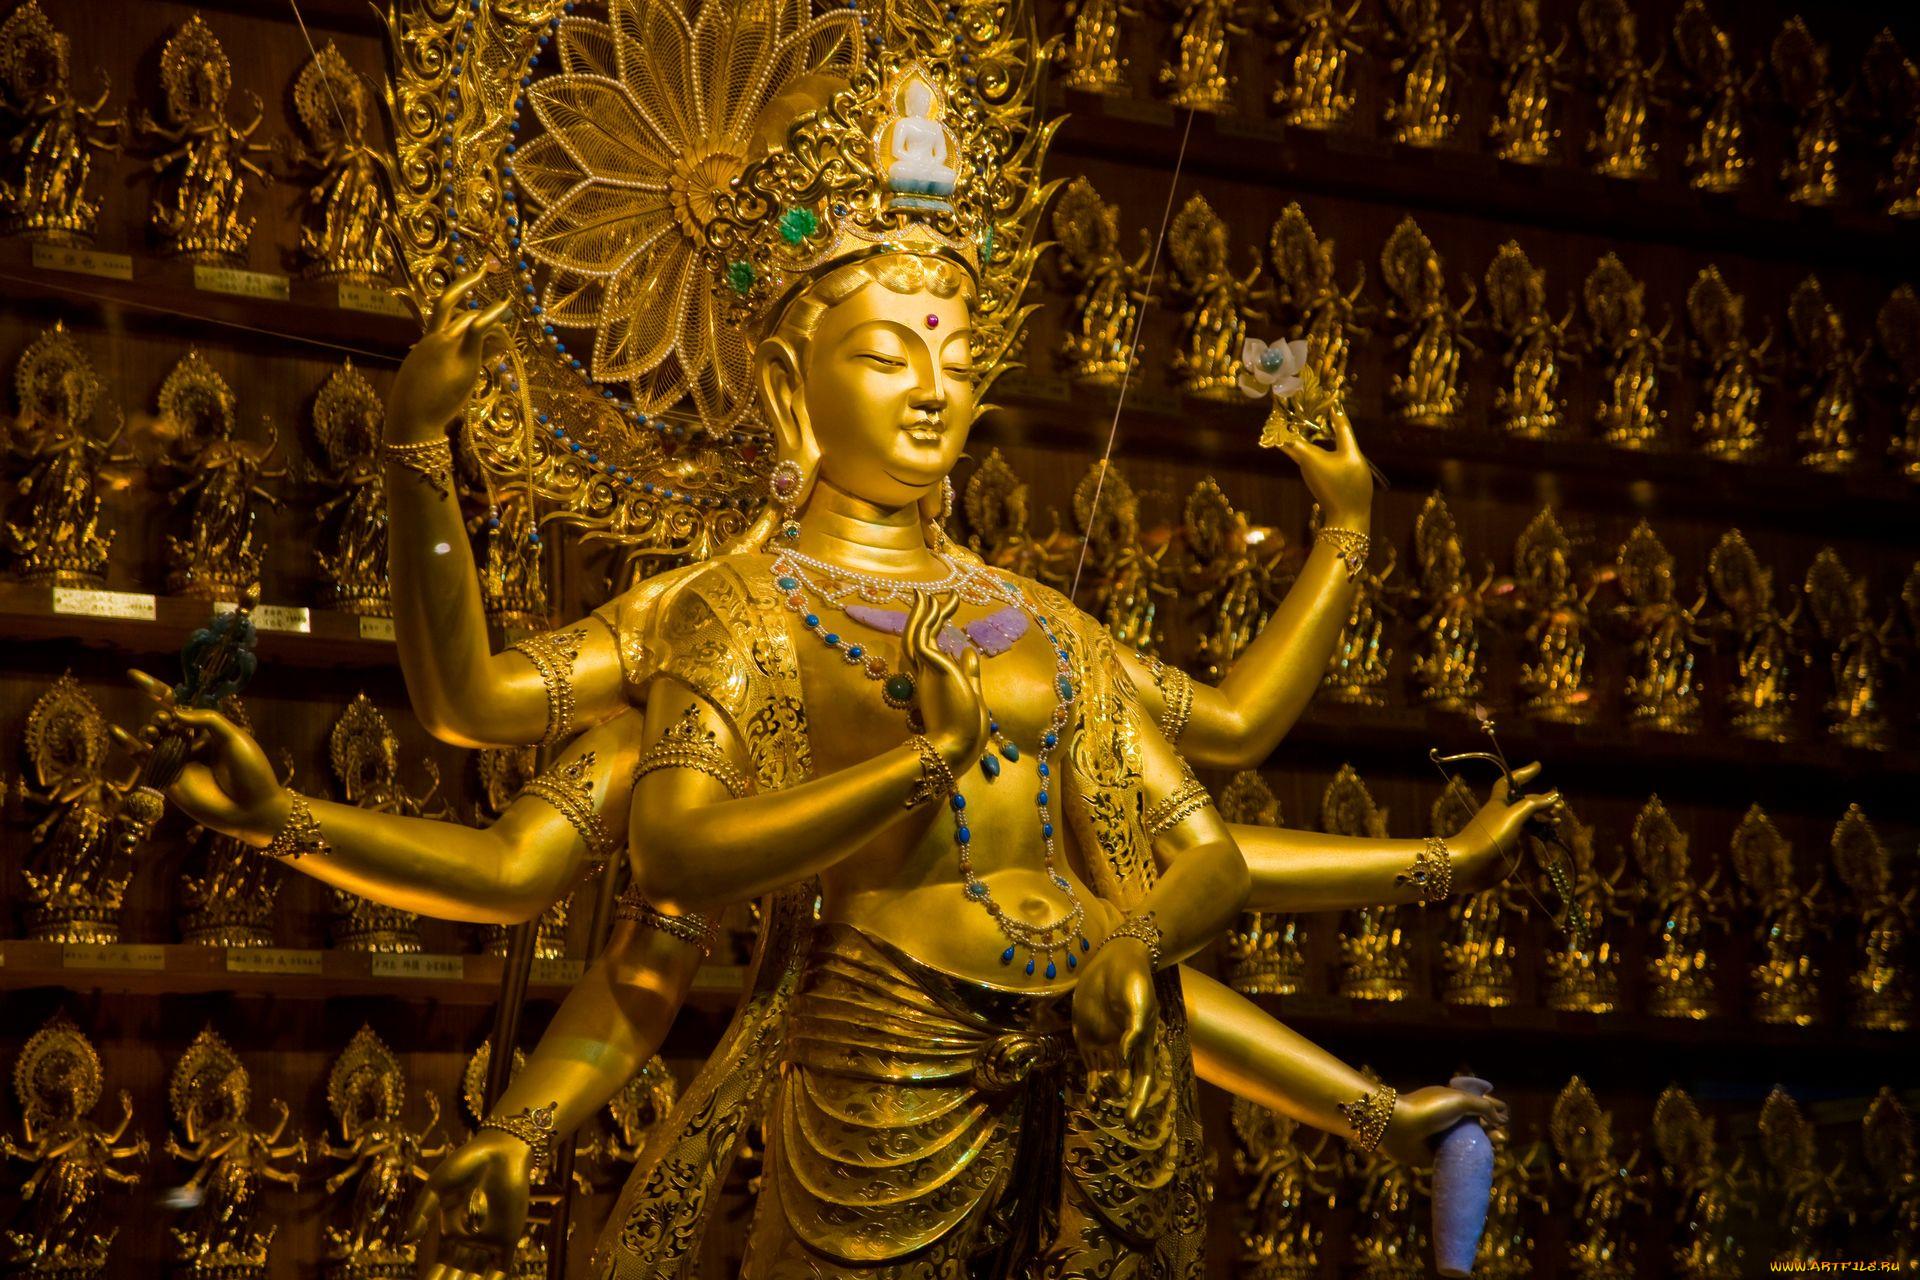 вынуждена носить индия и религия в картинках формой